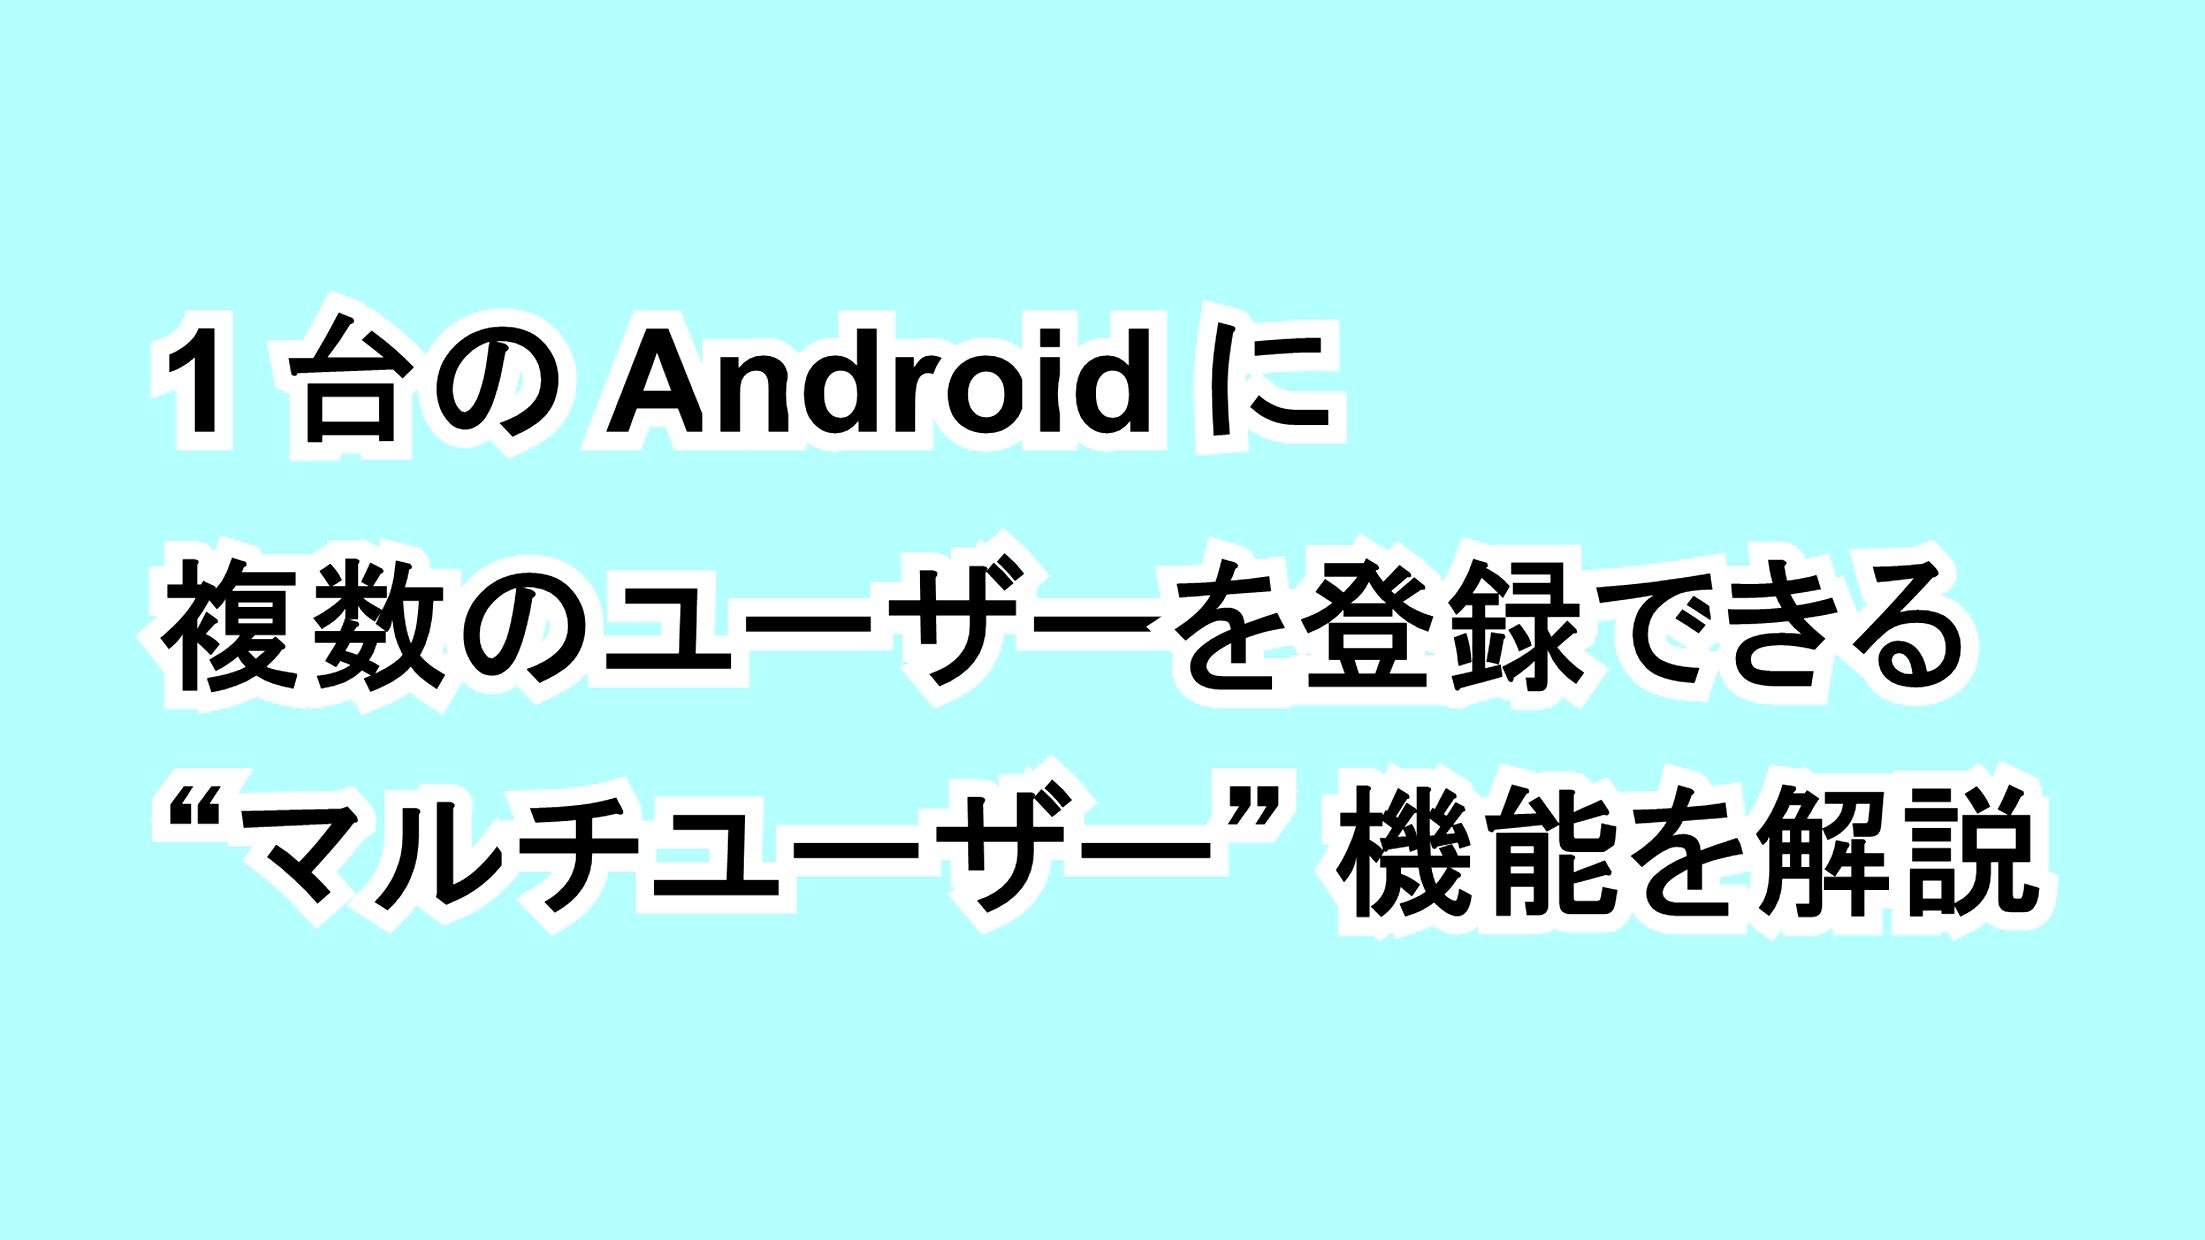 """1台のAndroidに複数のユーザーを登録できる""""マルチユーザー""""機能を解説"""